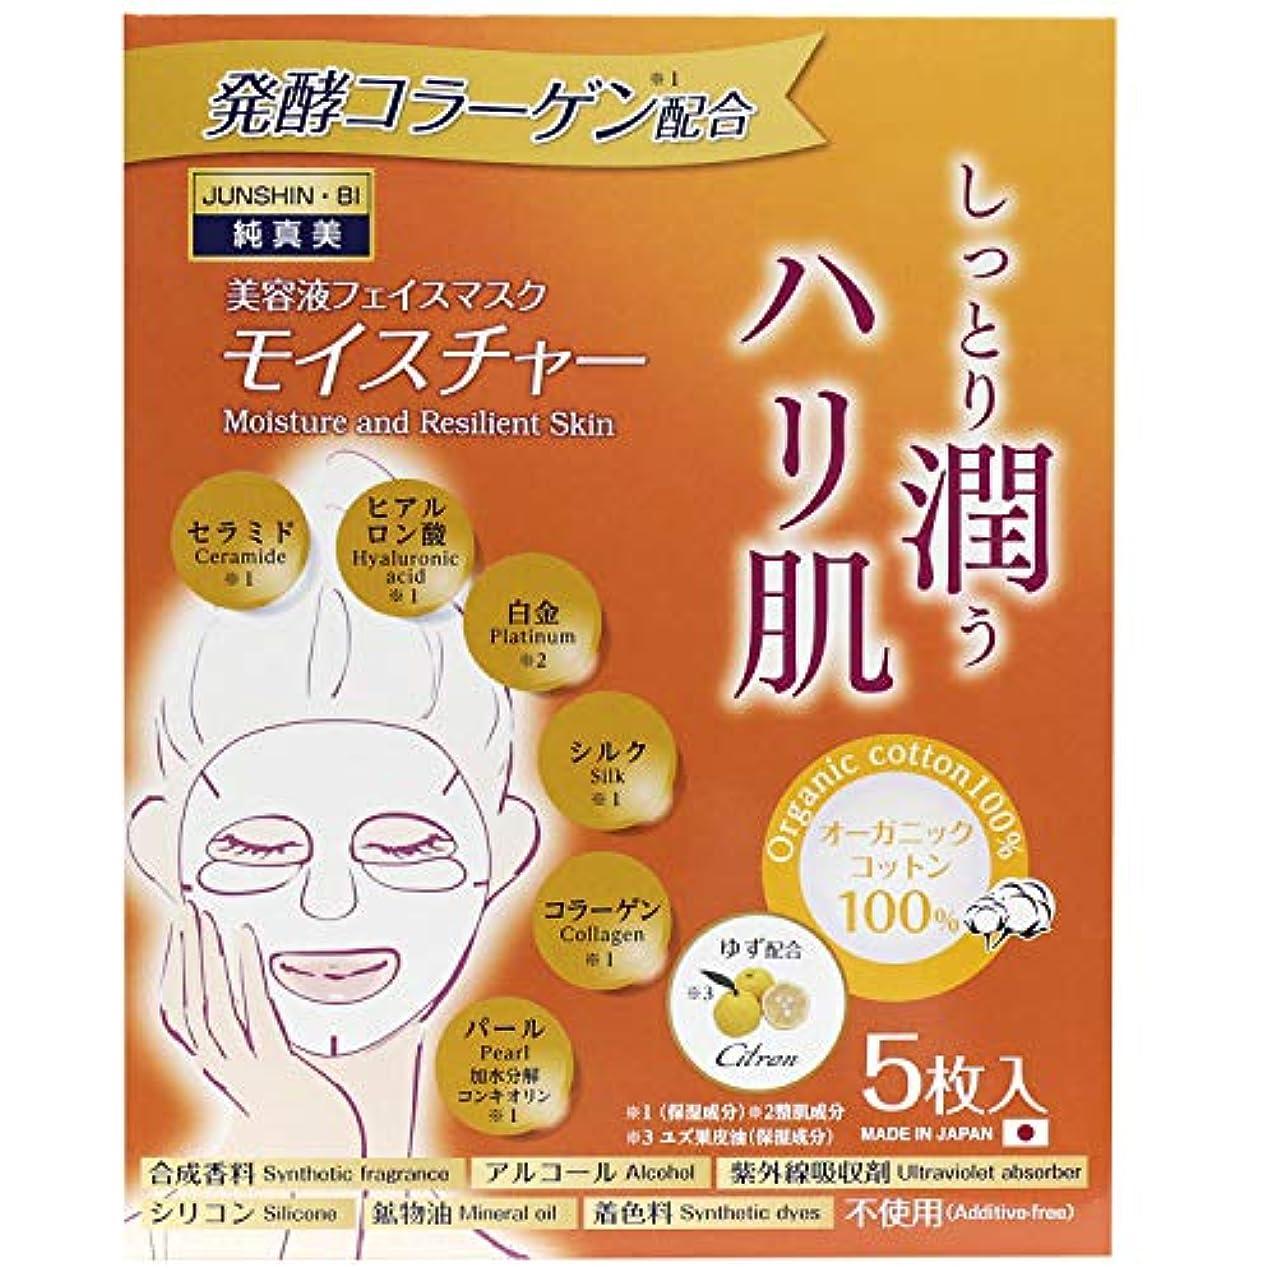 ローマ人バレーボール項目Junshin Bi 発酵コラーゲン 美容液 マスク (モイスチャー)